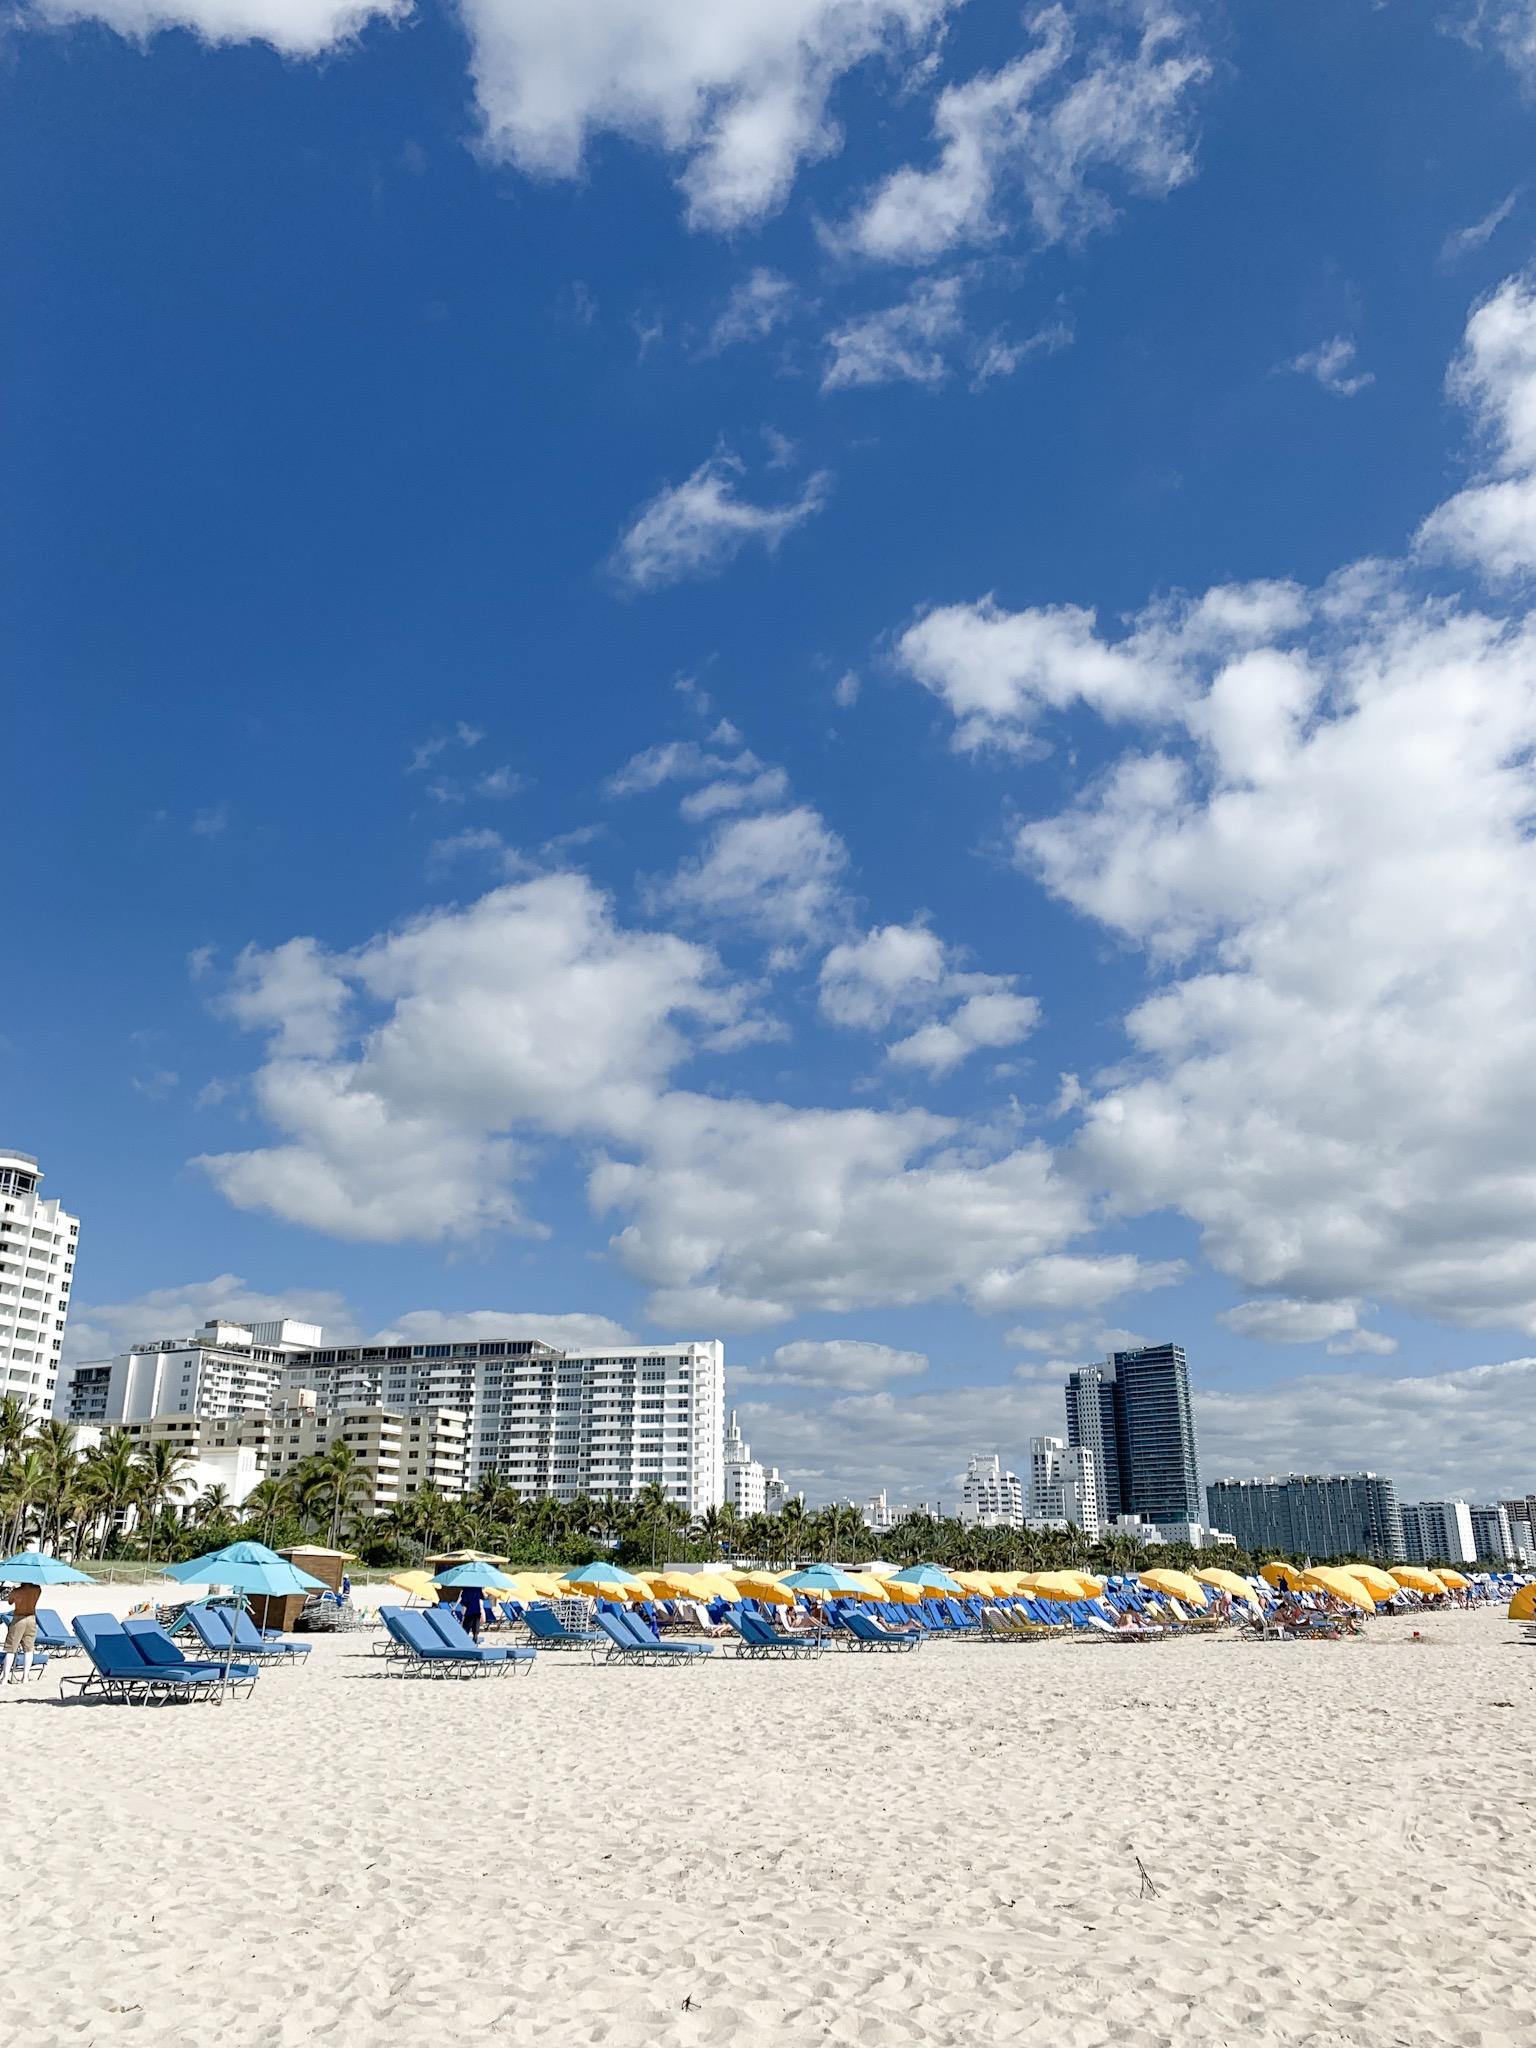 Miami Beach Florida